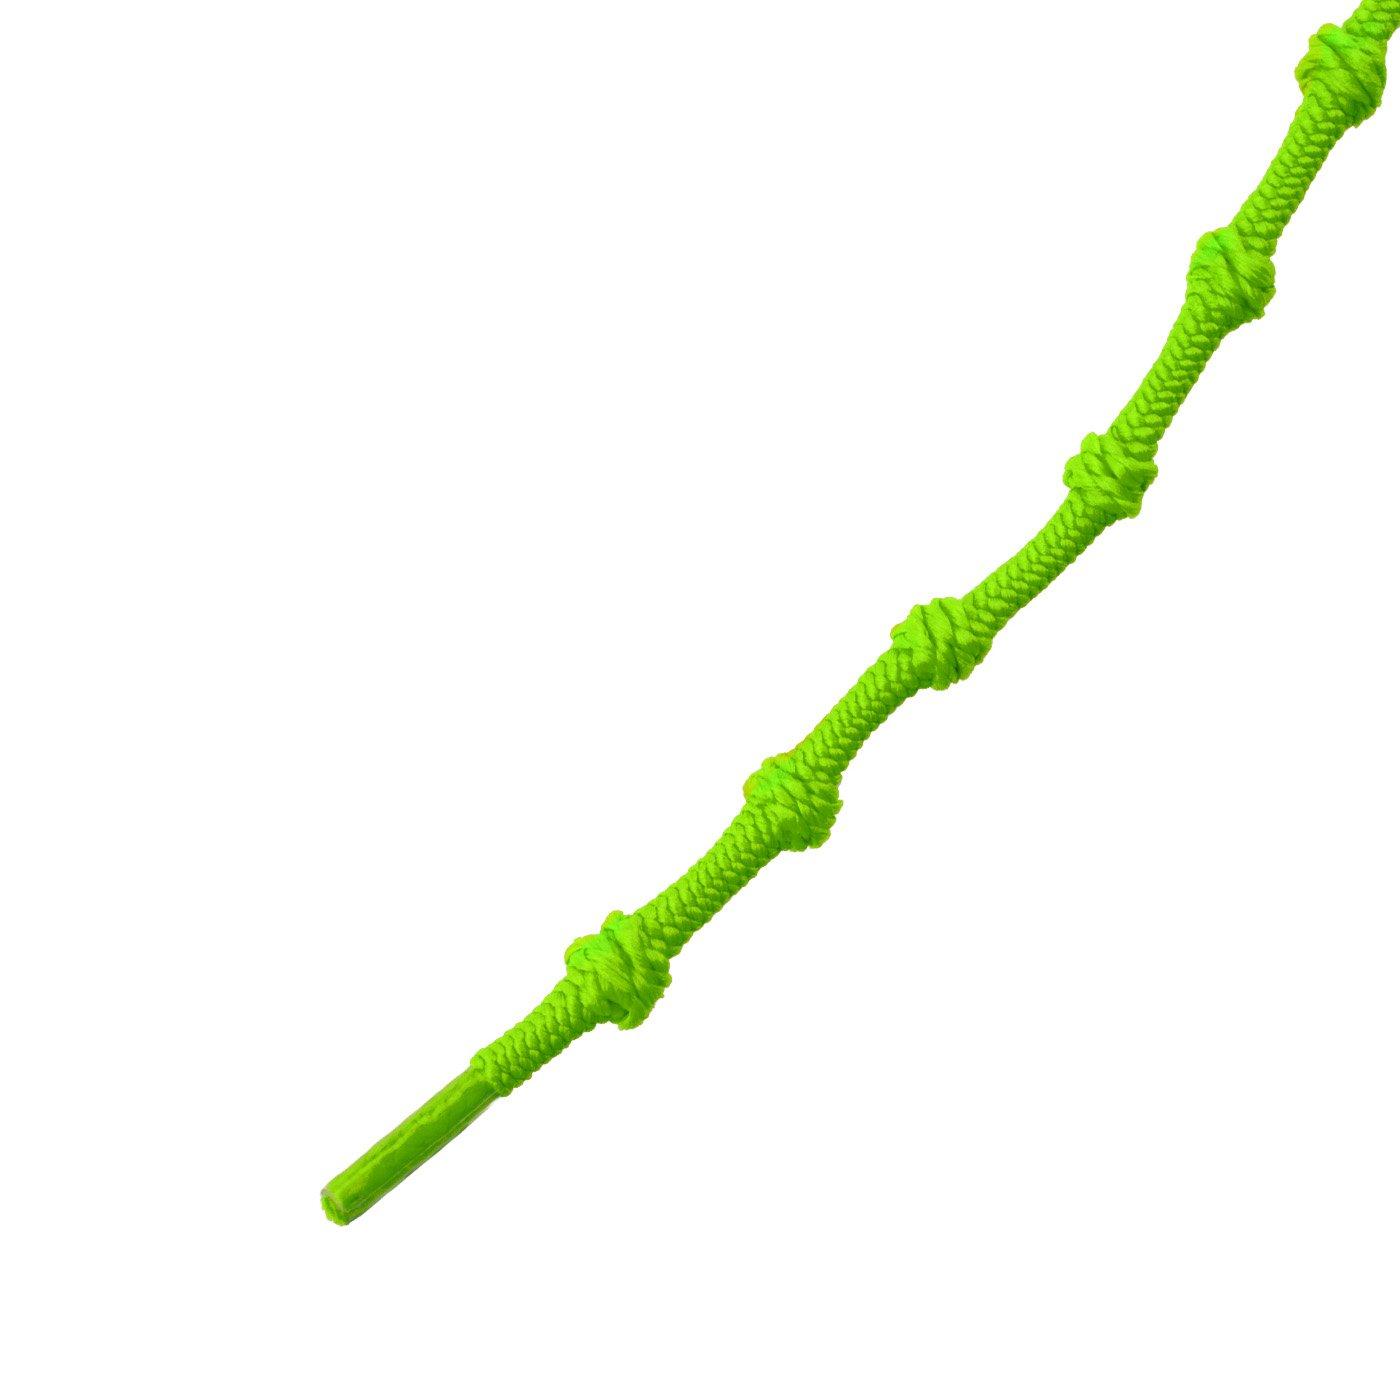 Kobert Goods Selbstbindende elastische Schnürsenkel mit Knoten in 10 verschiedenen Farben erhältlich für Sportler, Kinder, Damen und Herrenschuhe,